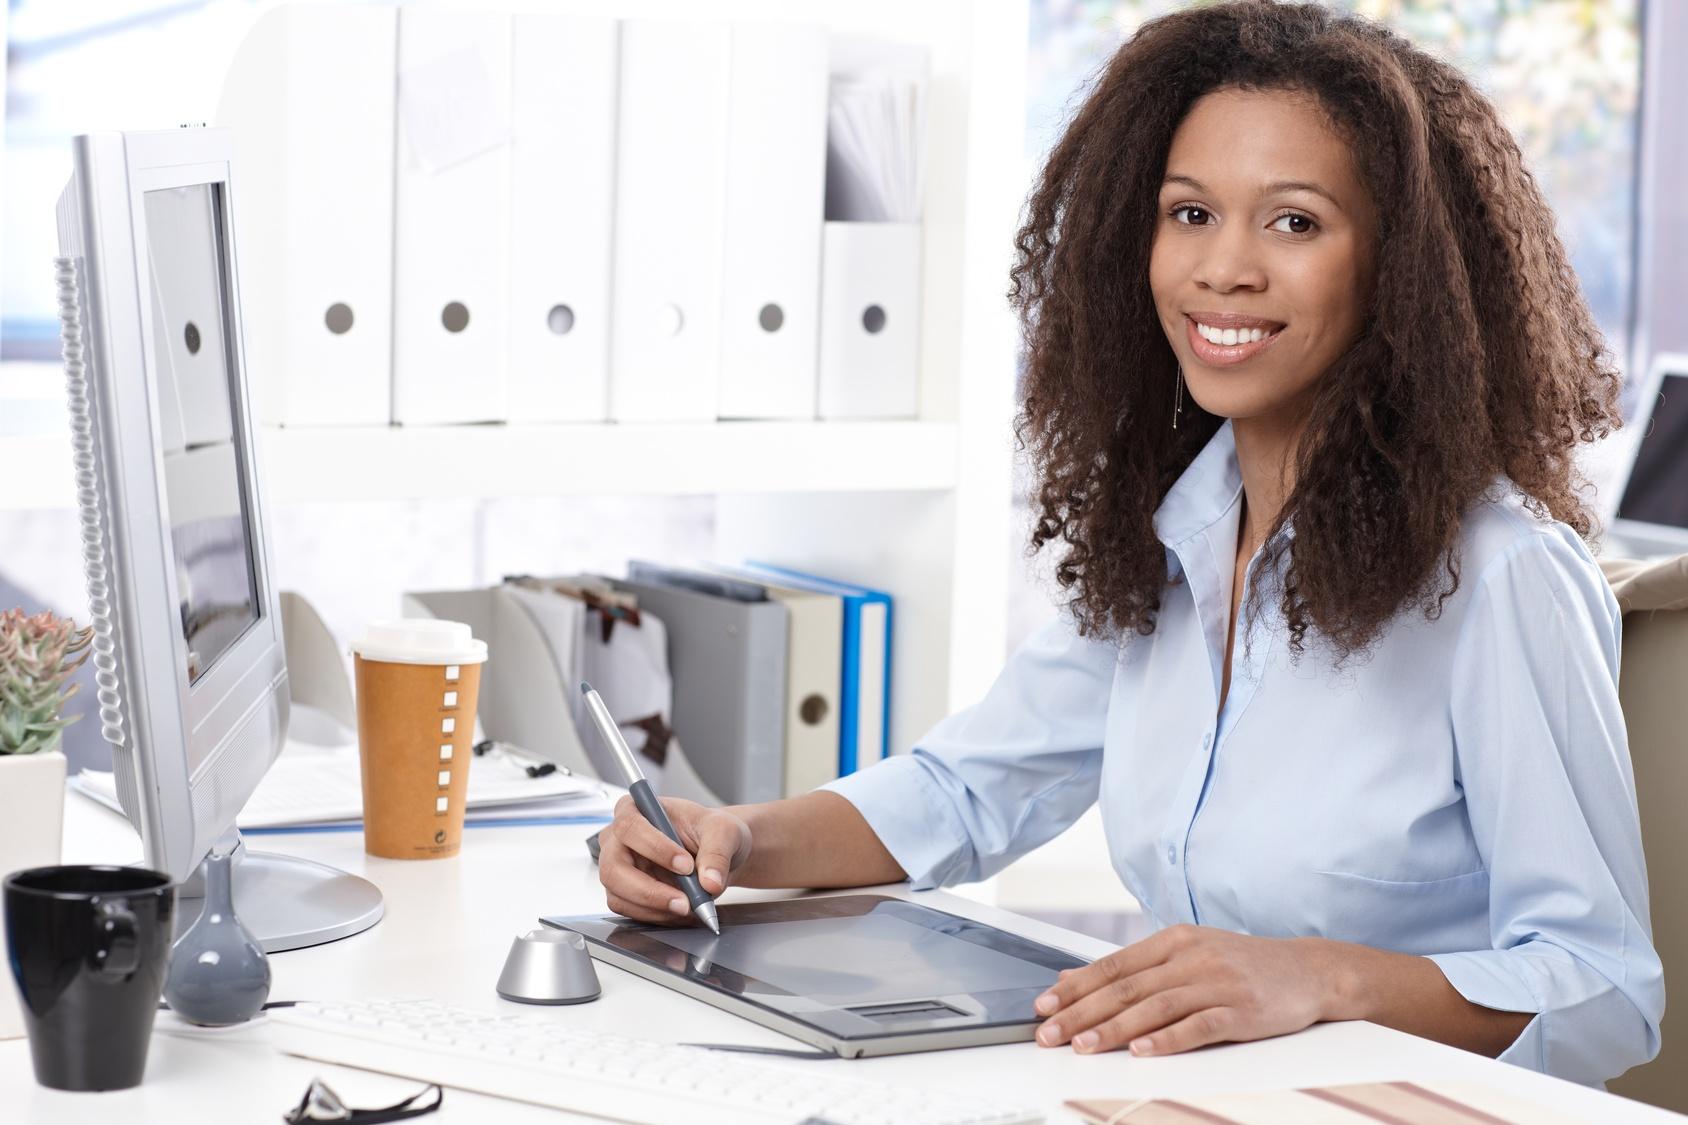 working-checklist-women.jpg